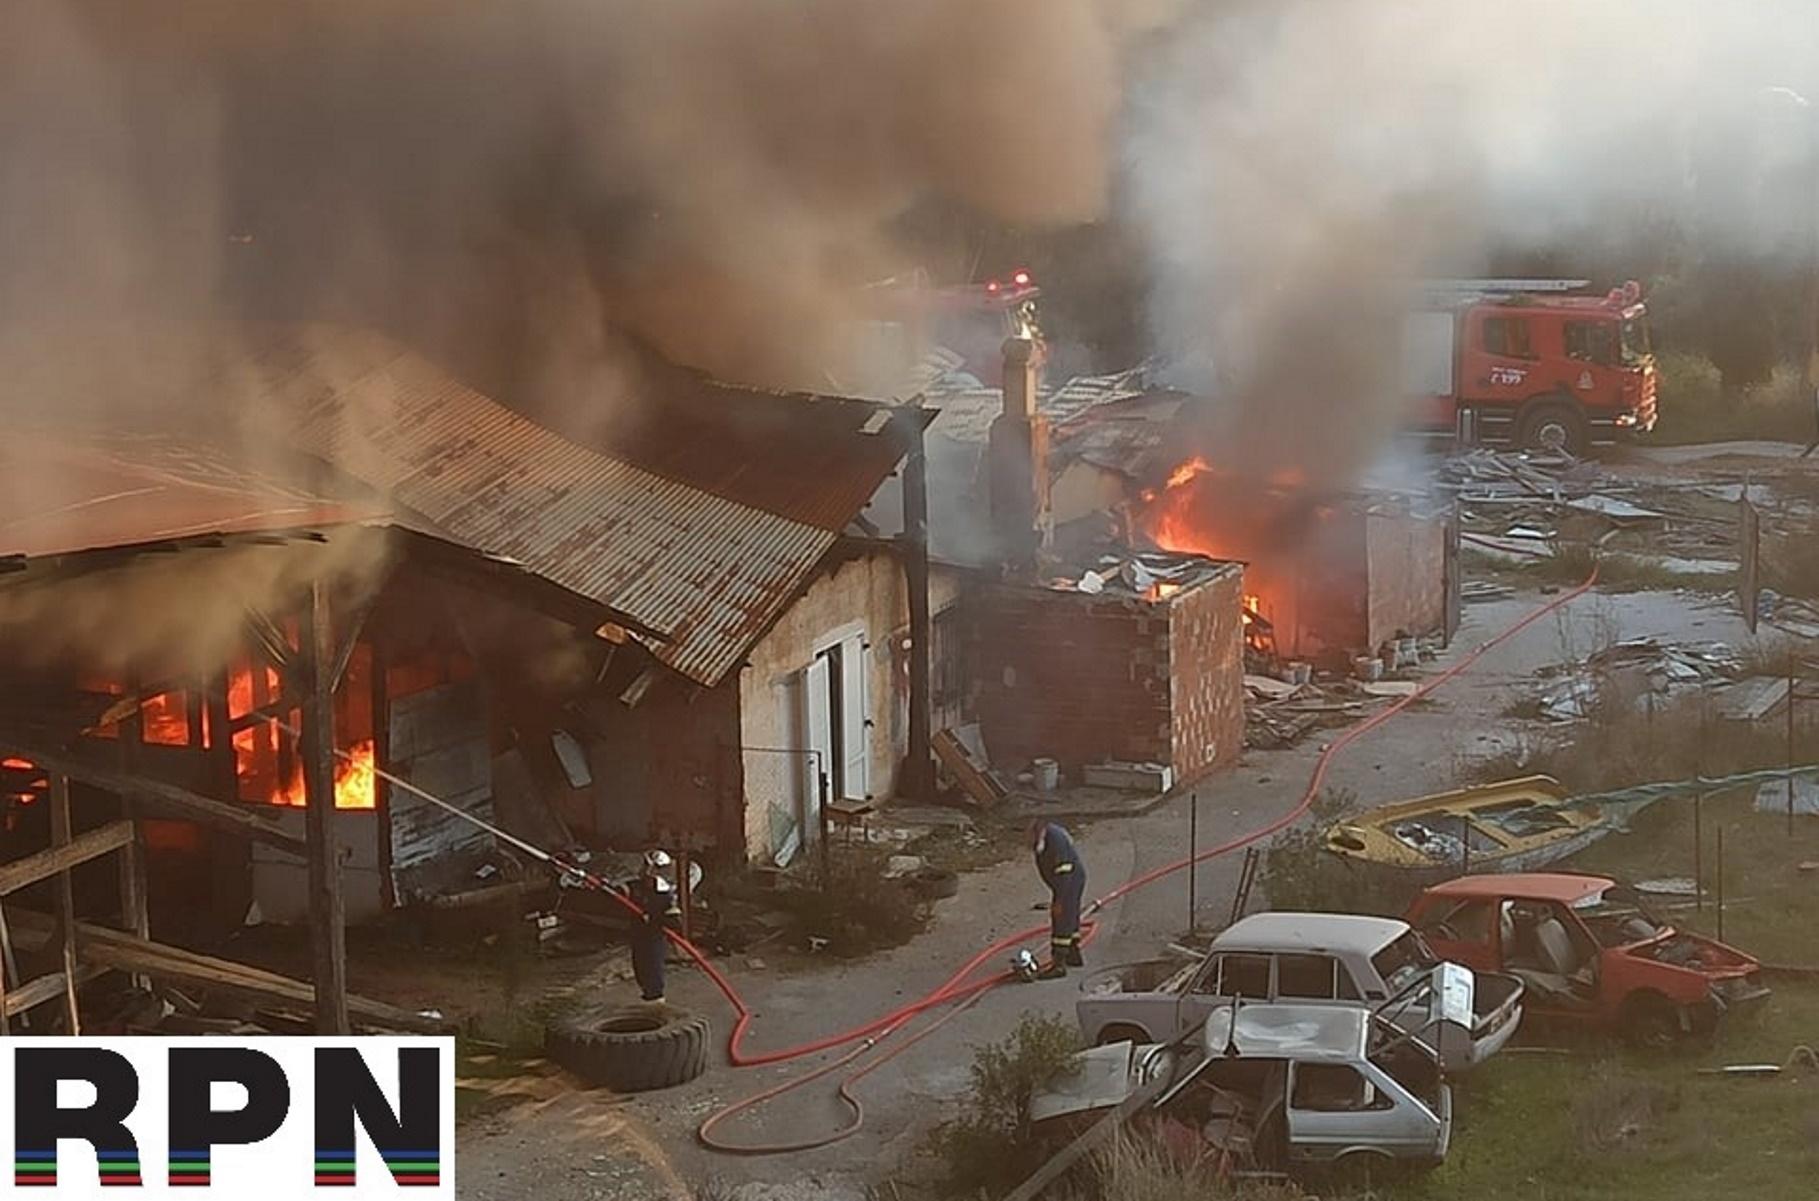 Φωτιά σε εργοστάσιο τούβλων στη Ραφήνα – Σοκαριστικές εικόνες (pics)